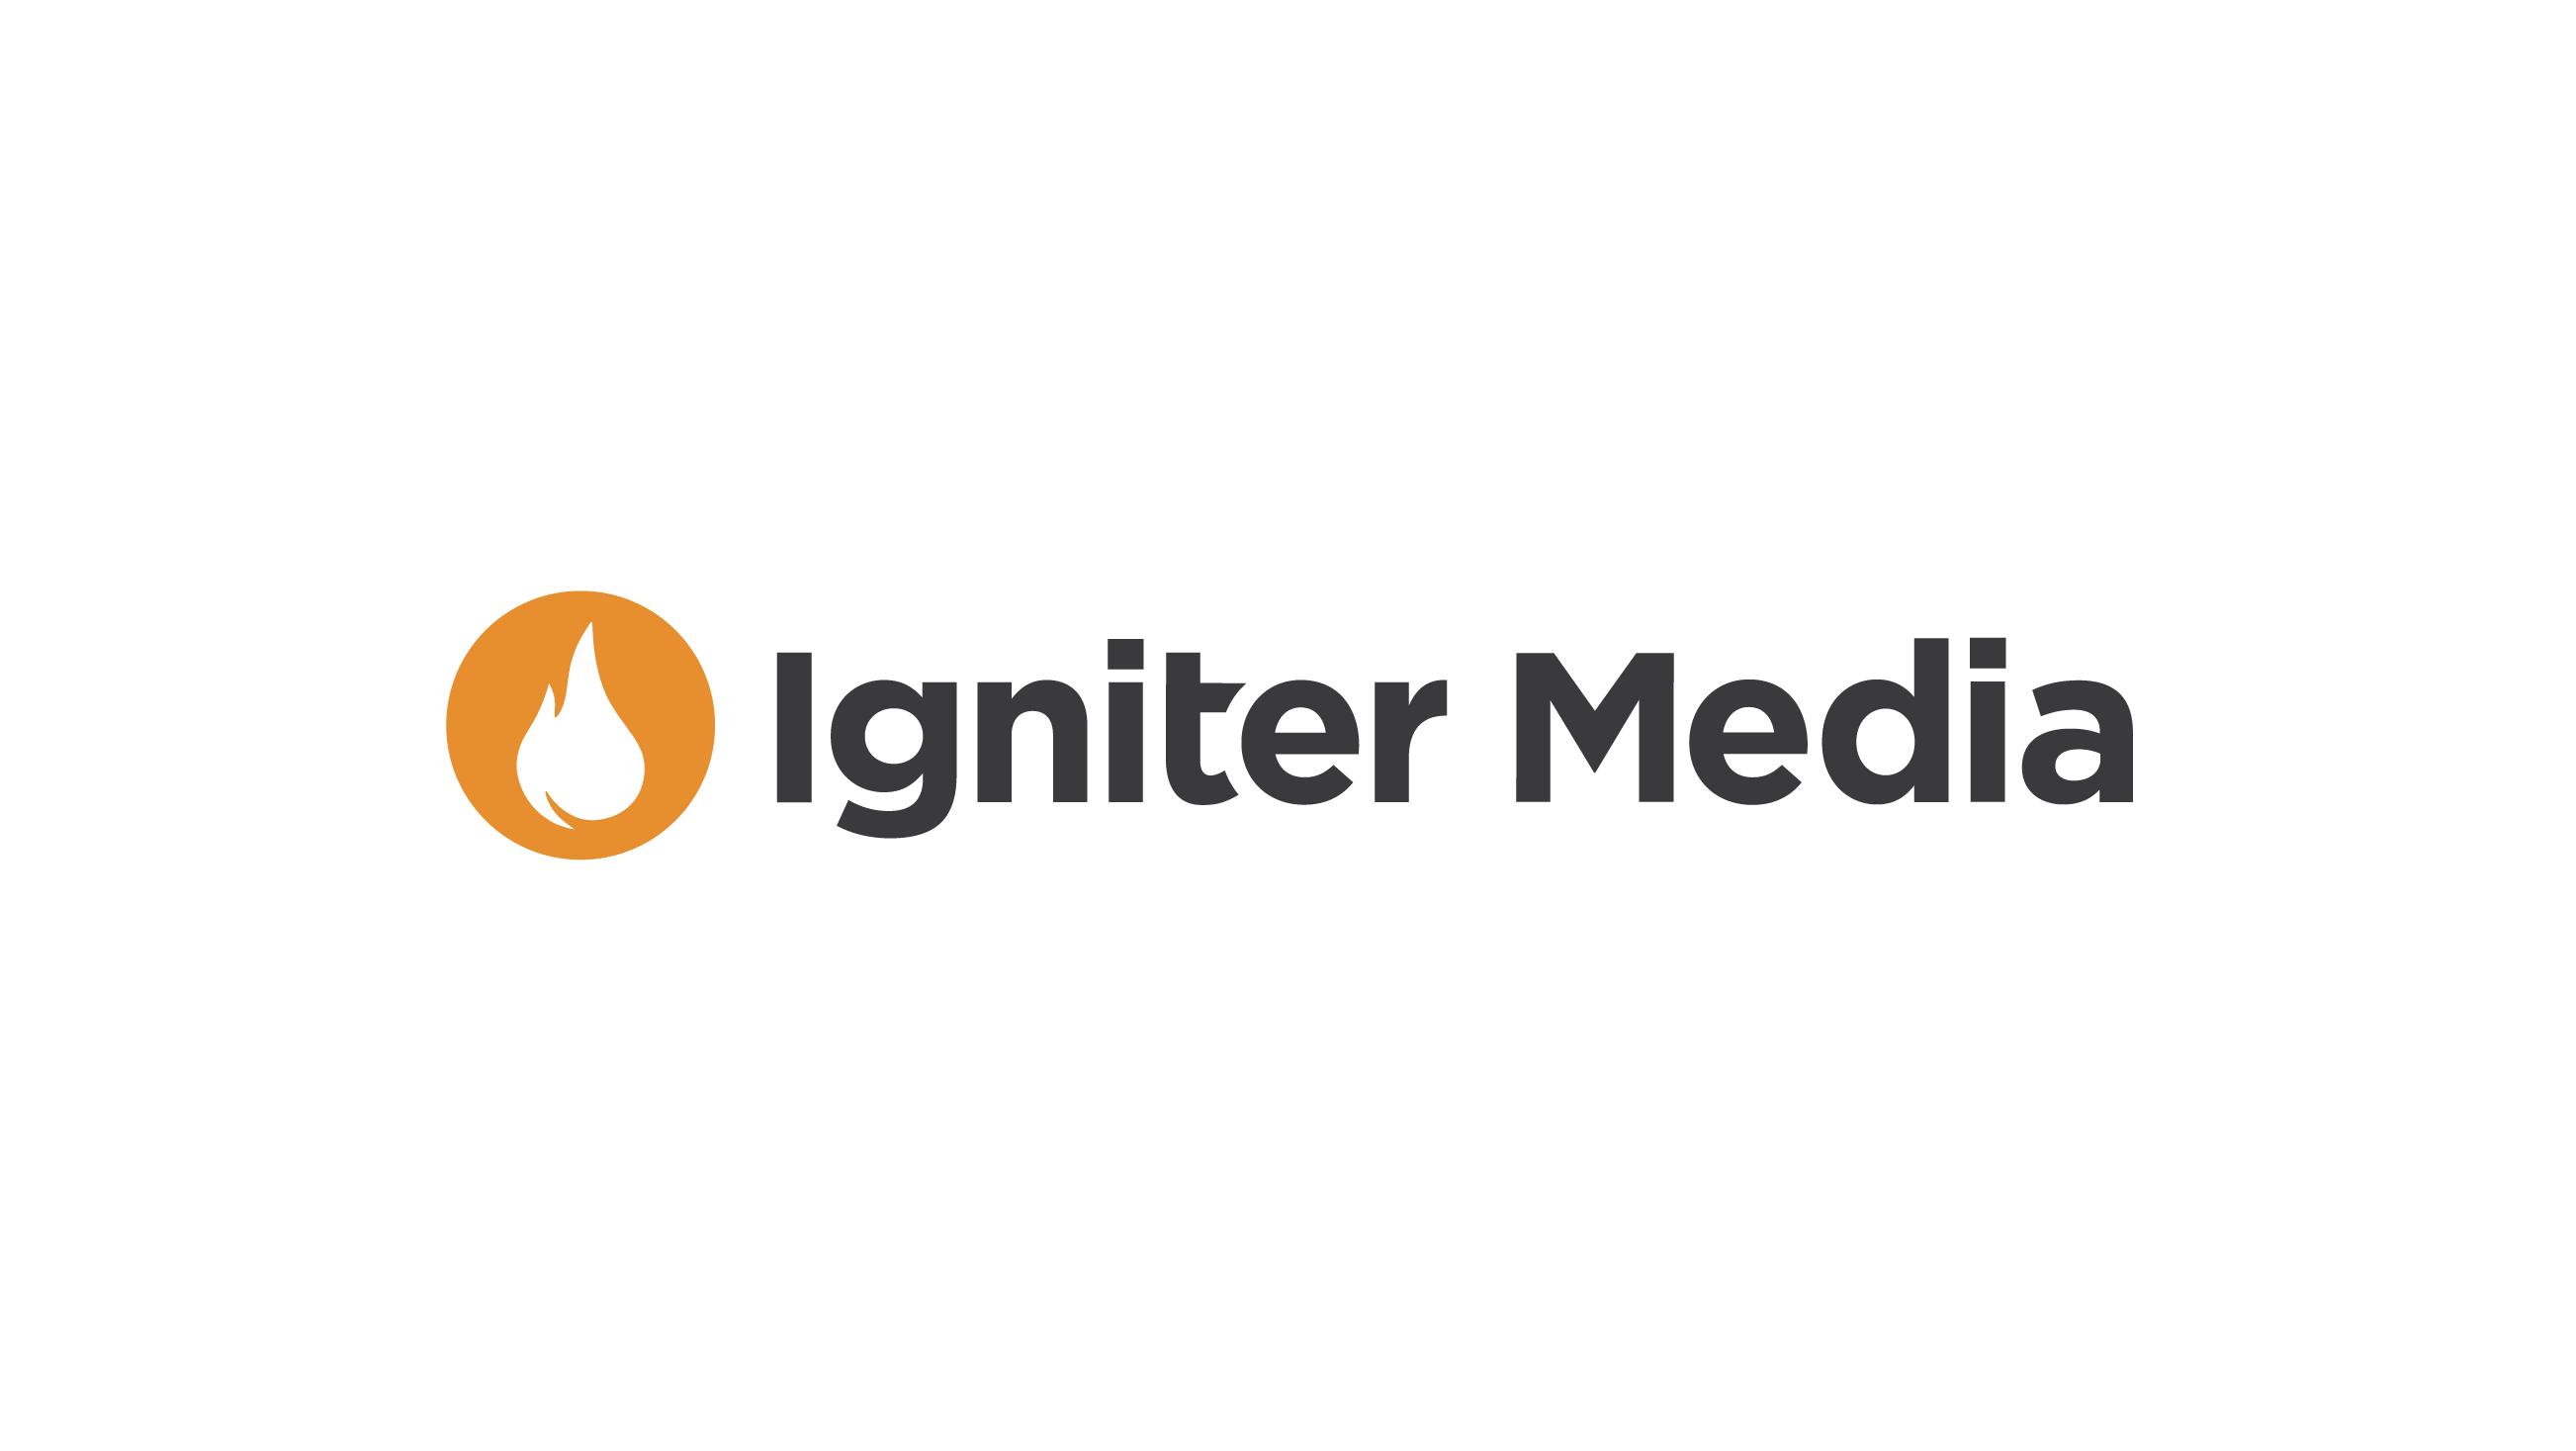 Igniter Media